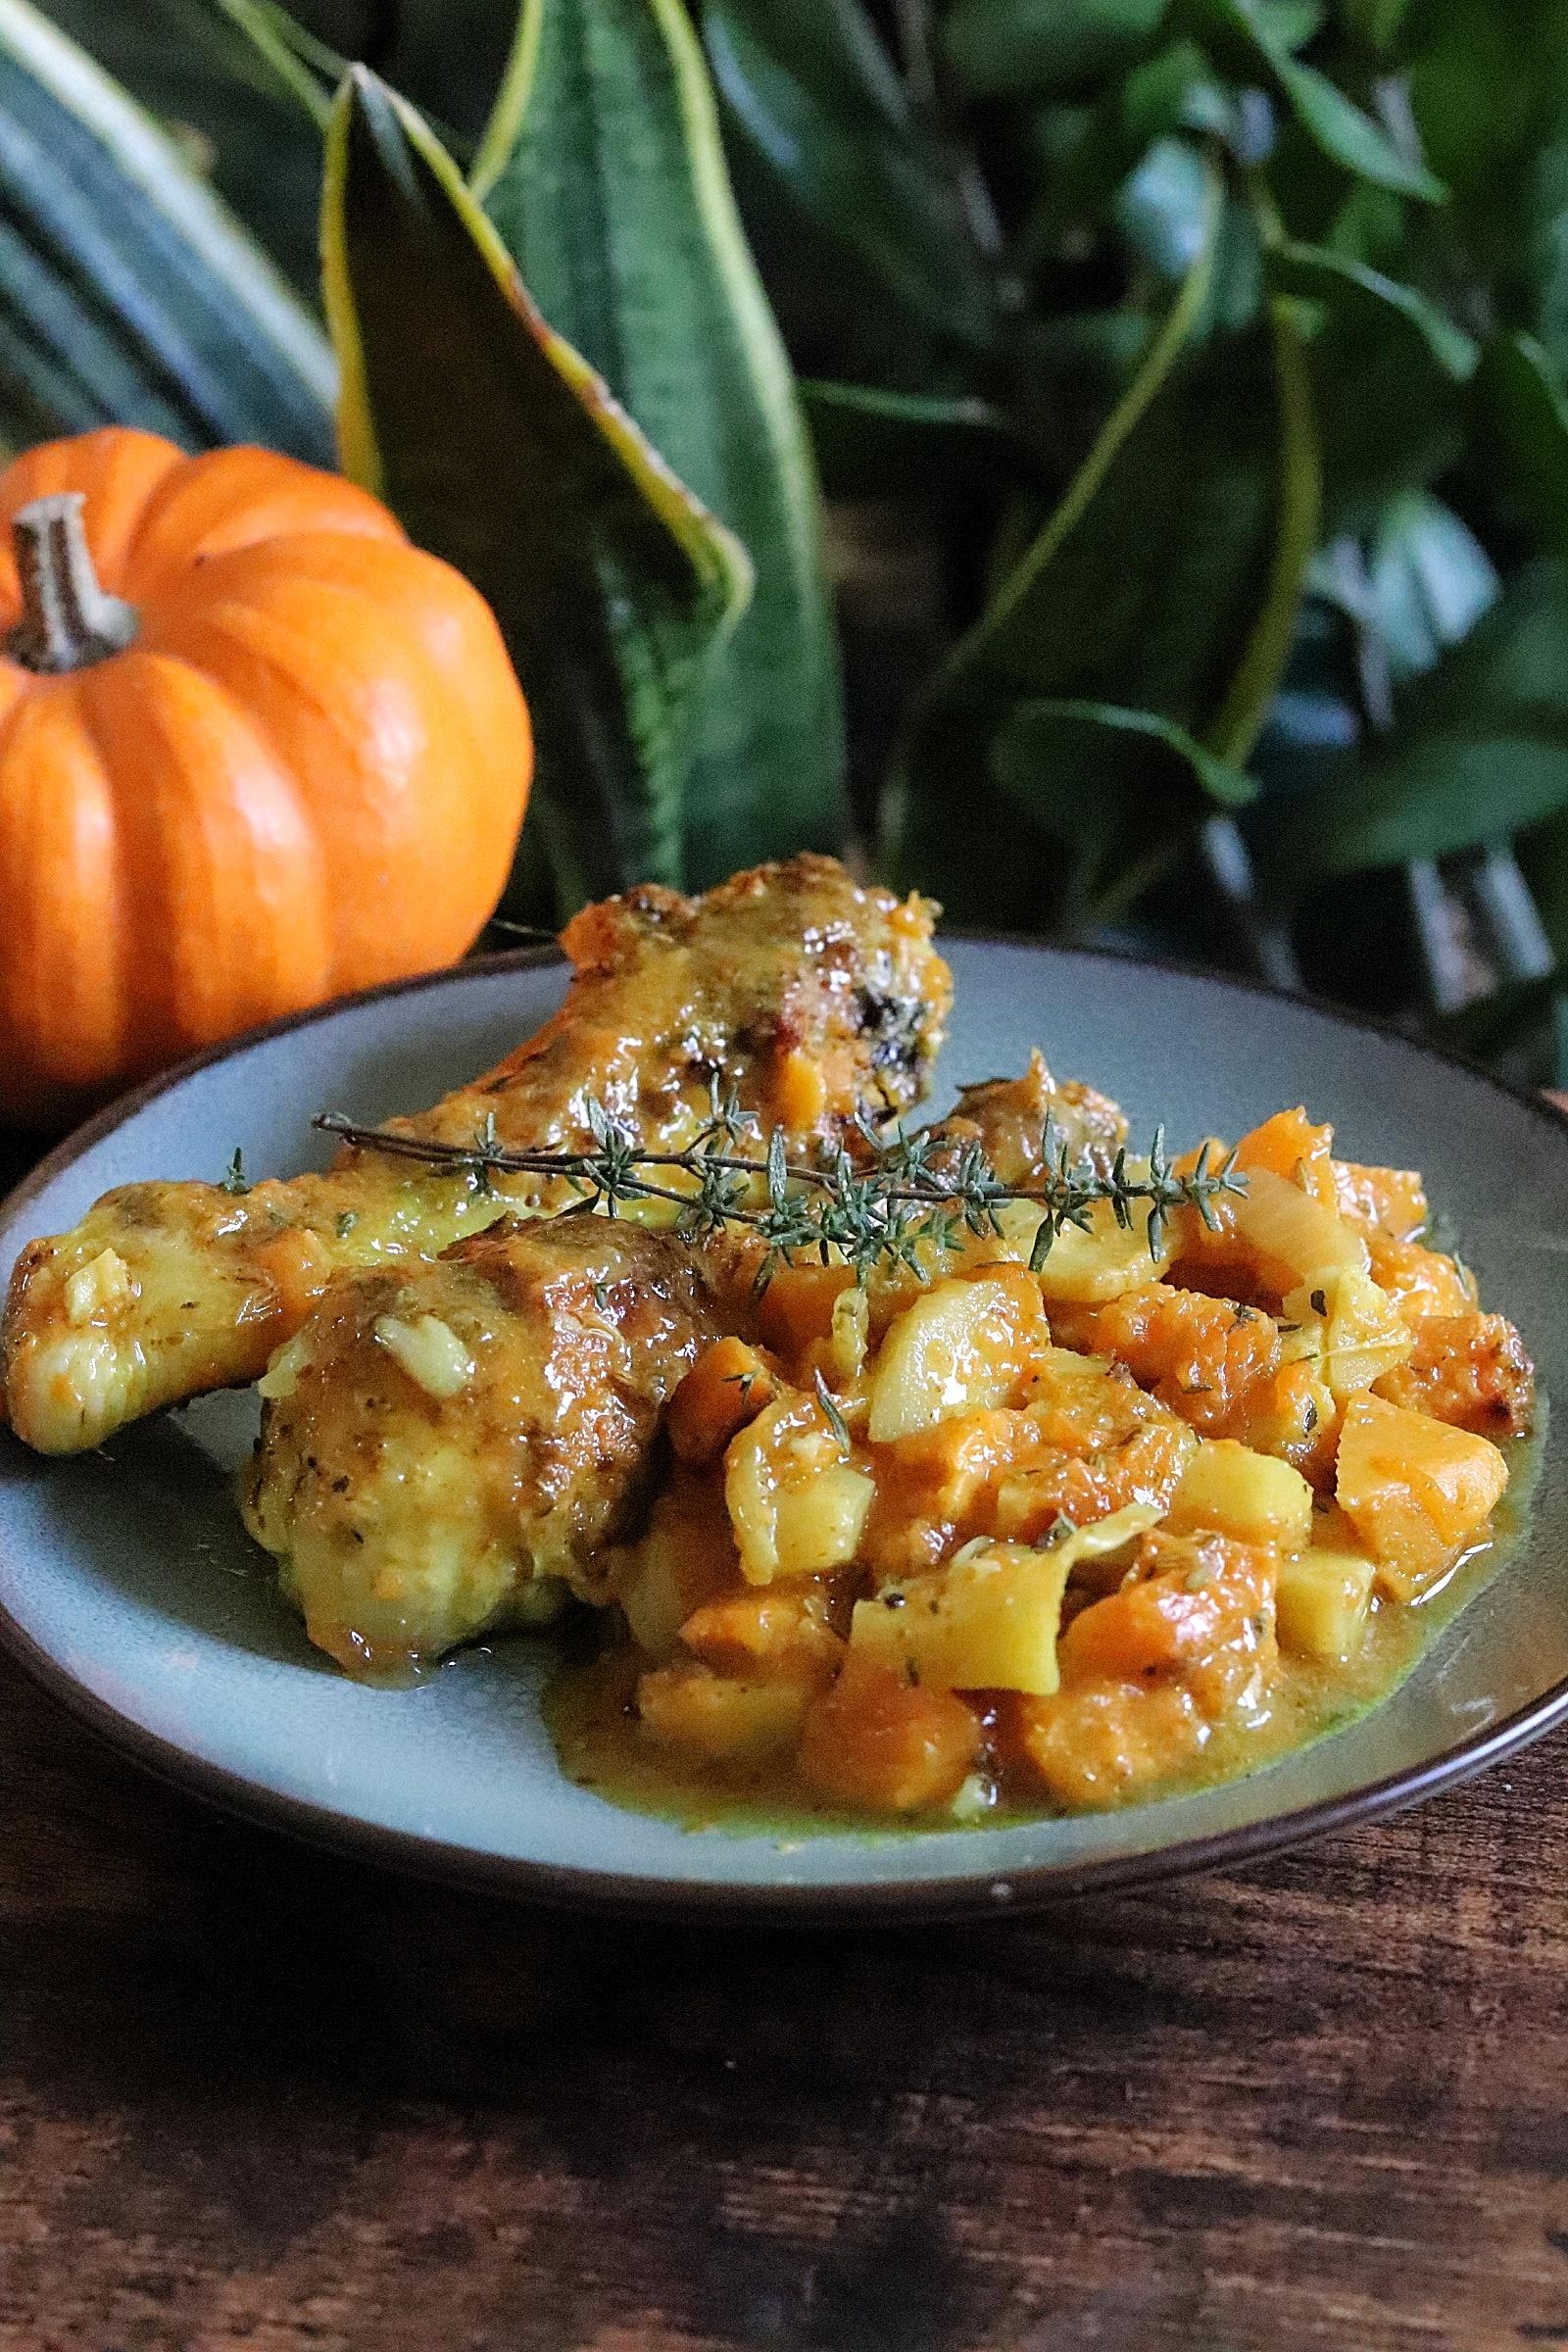 Pilons de poulet rôtis au gingembre et légumes d'automne fondants : courge, panais et patate douce